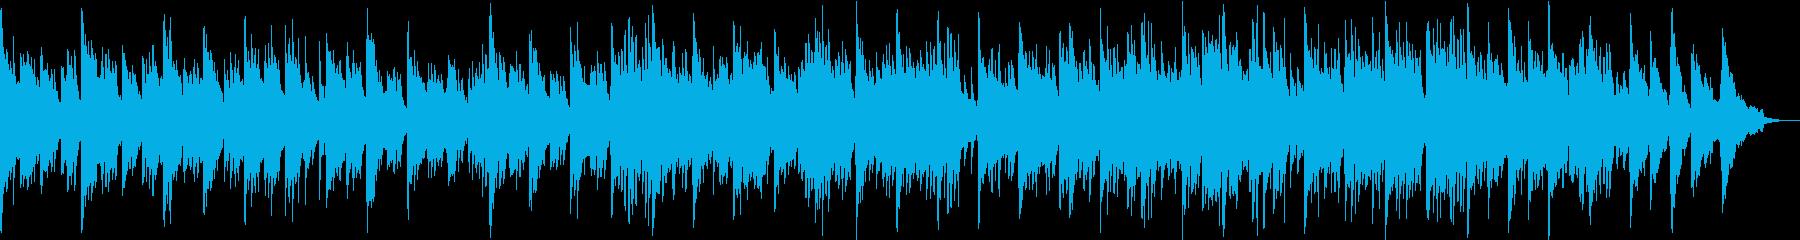 リラックス・自然・朝 のびやかな笛BGMの再生済みの波形